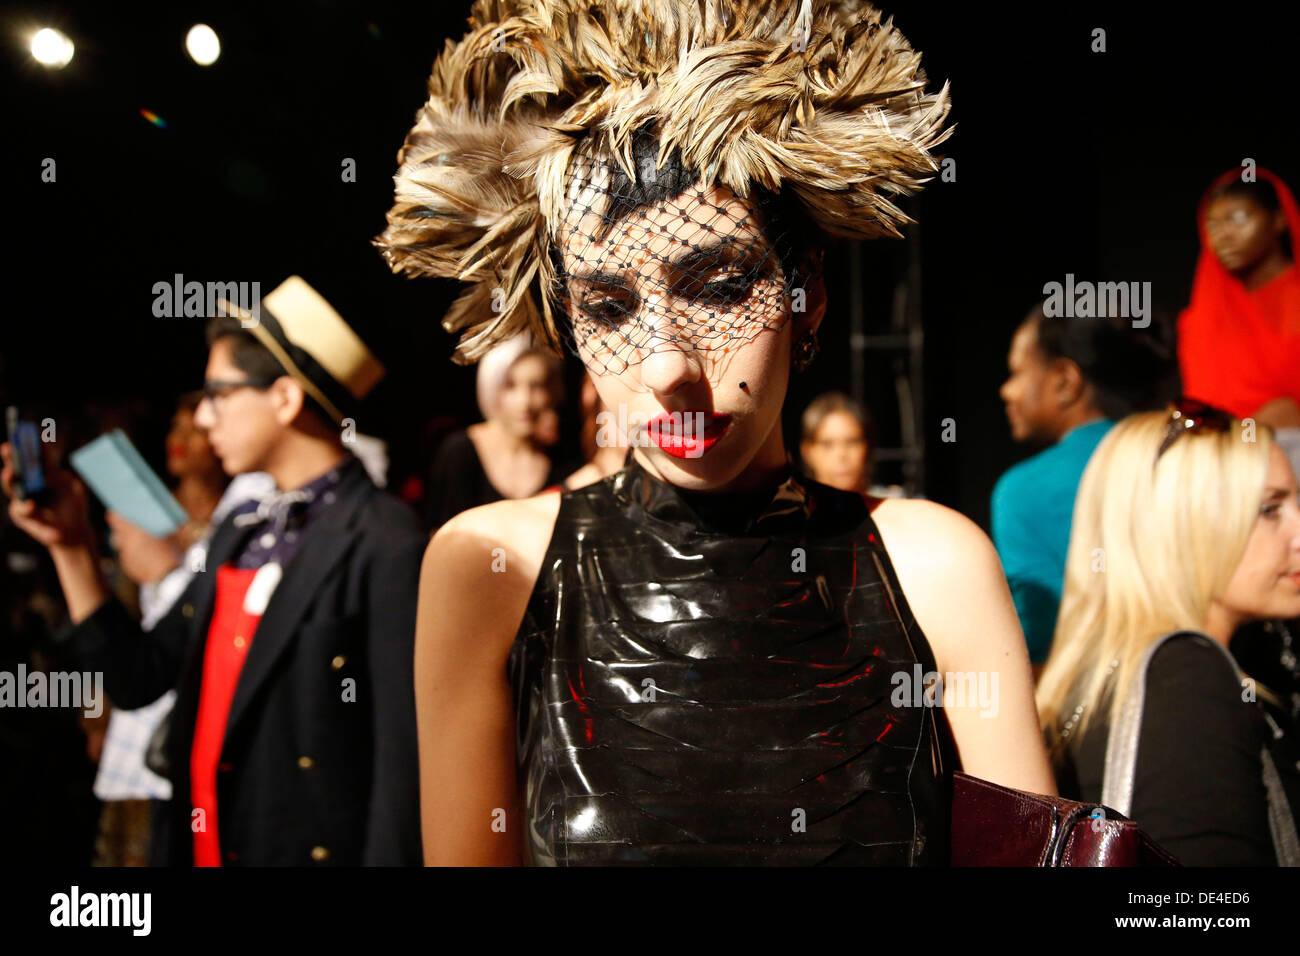 New York, NY, STATI UNITI D'AMERICA. Decimo Sep, 2013. Appassionati seguaci di moda all'interno presso MBFW in New York City. Credito: Scott Houston/Alamy Live News Immagini Stock